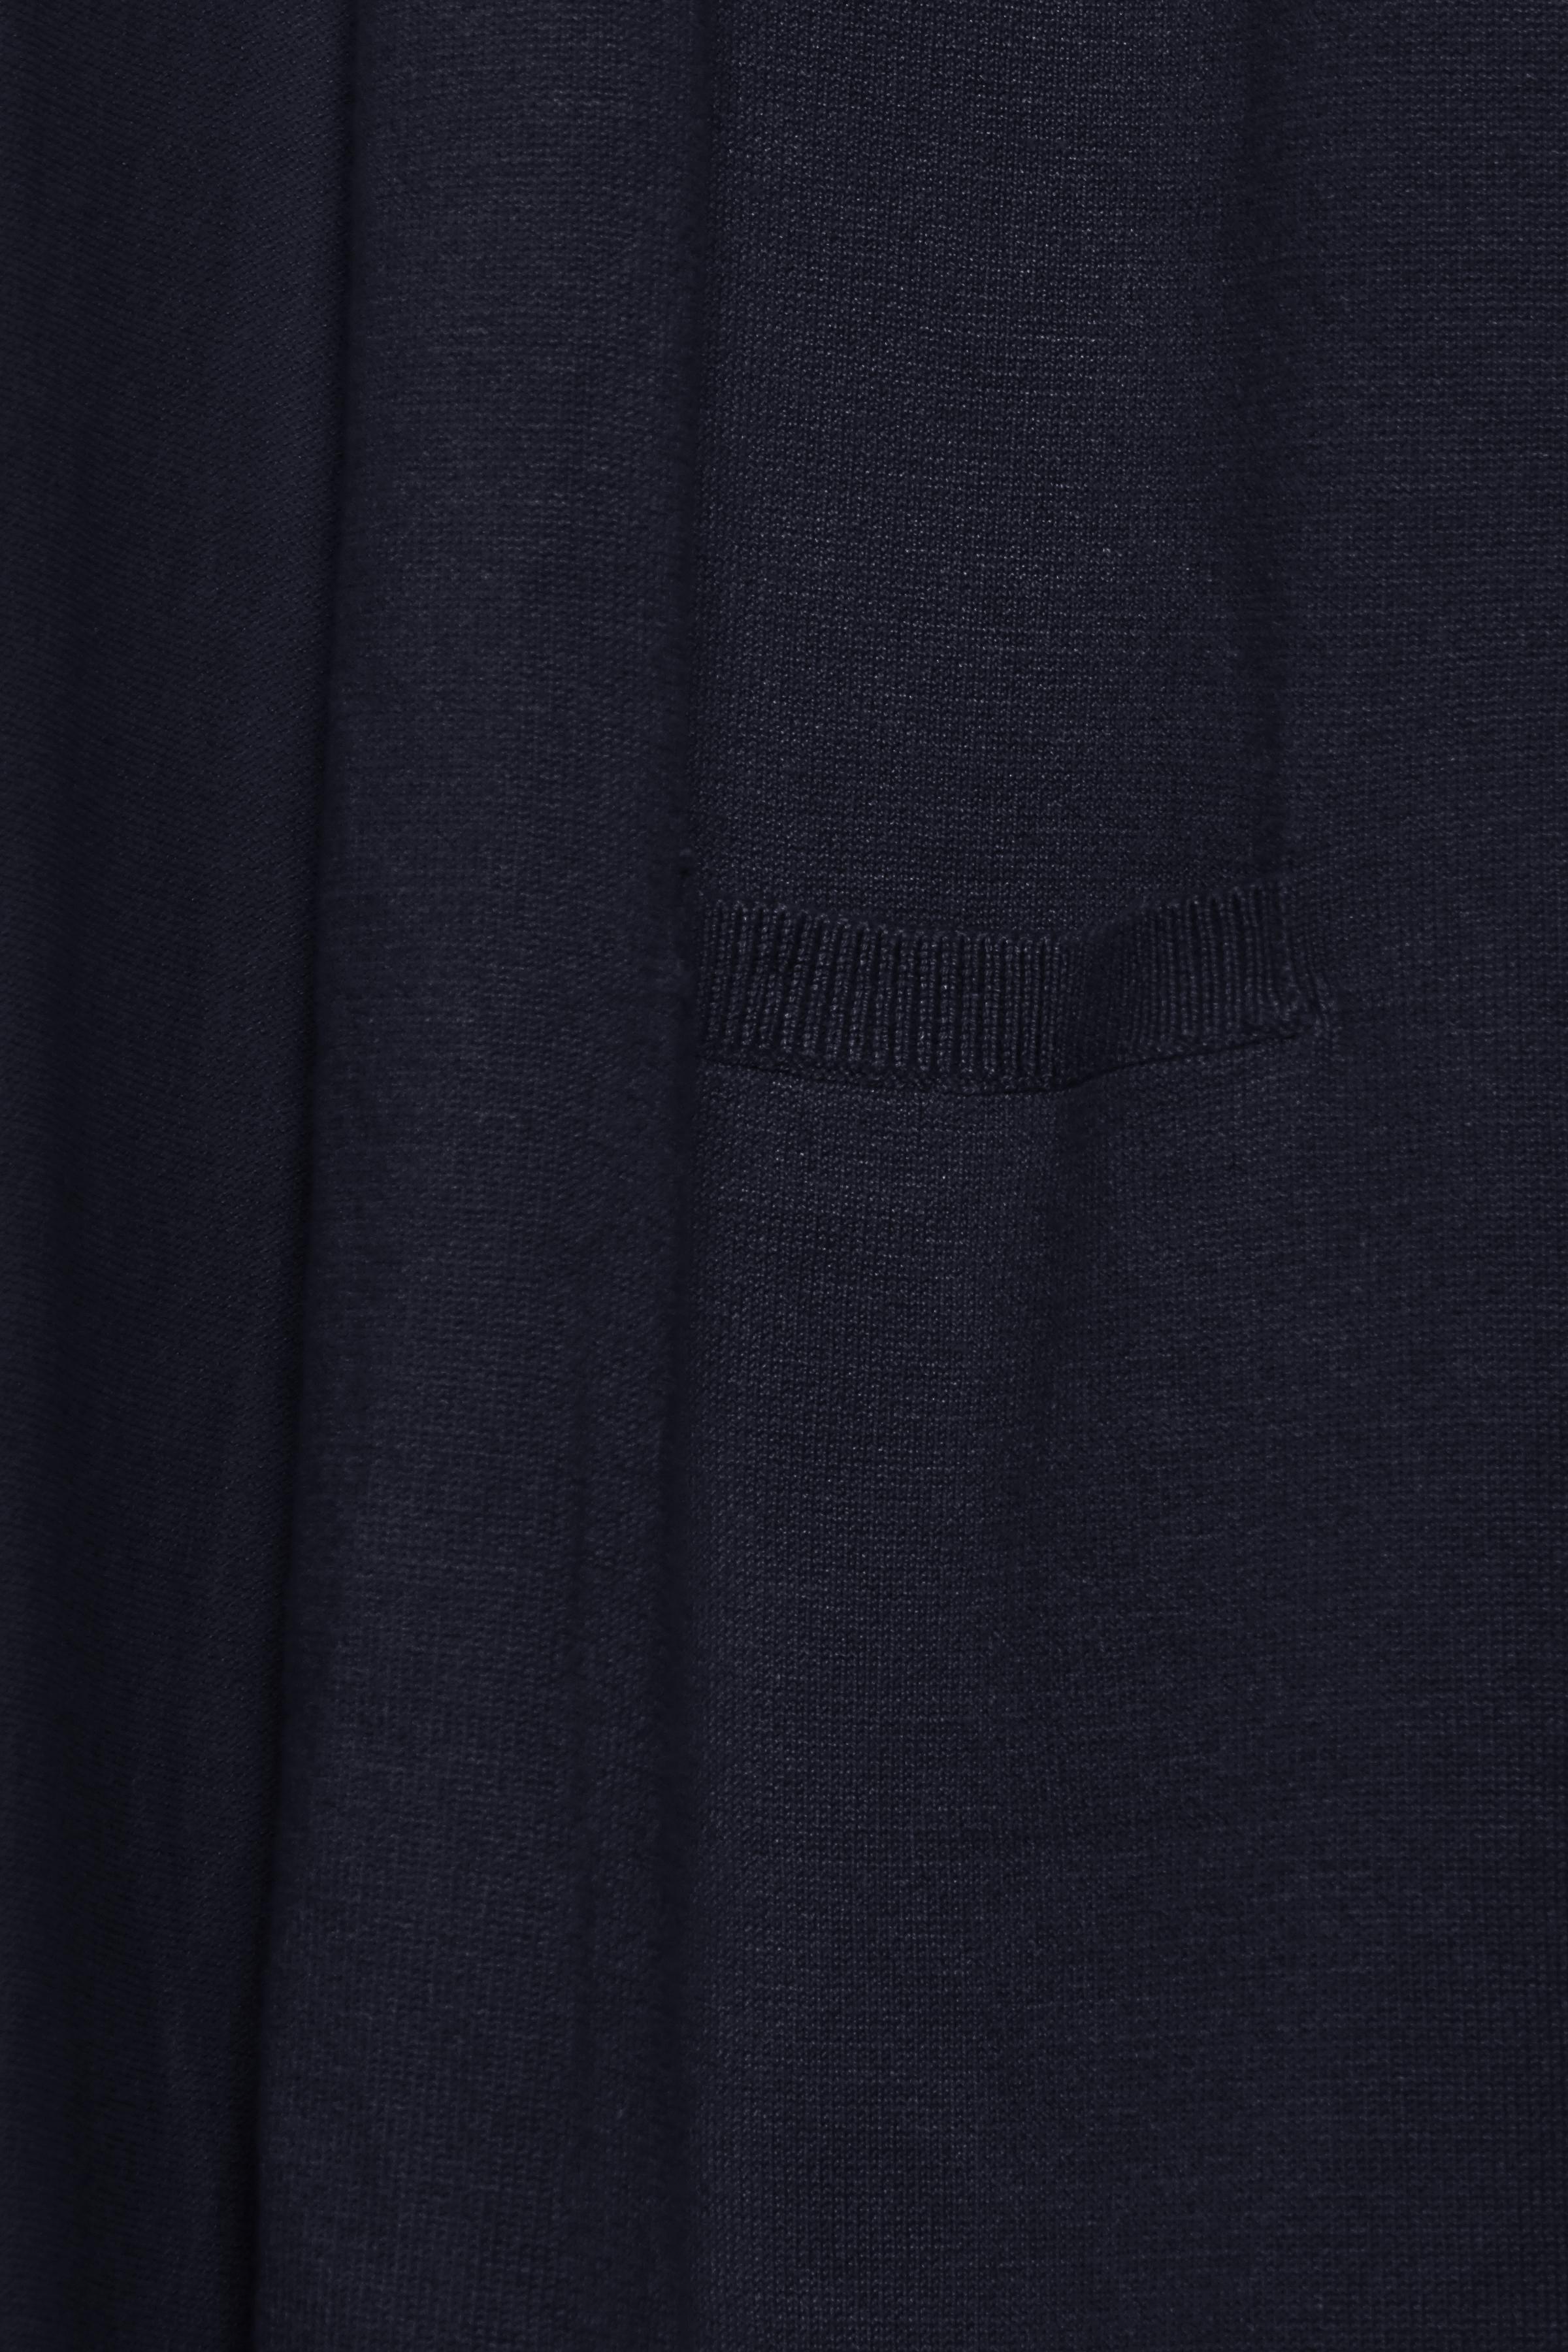 Copenhagen Night Pullover van b.young – Koop Copenhagen Night Pullover hier van size XS-XXL